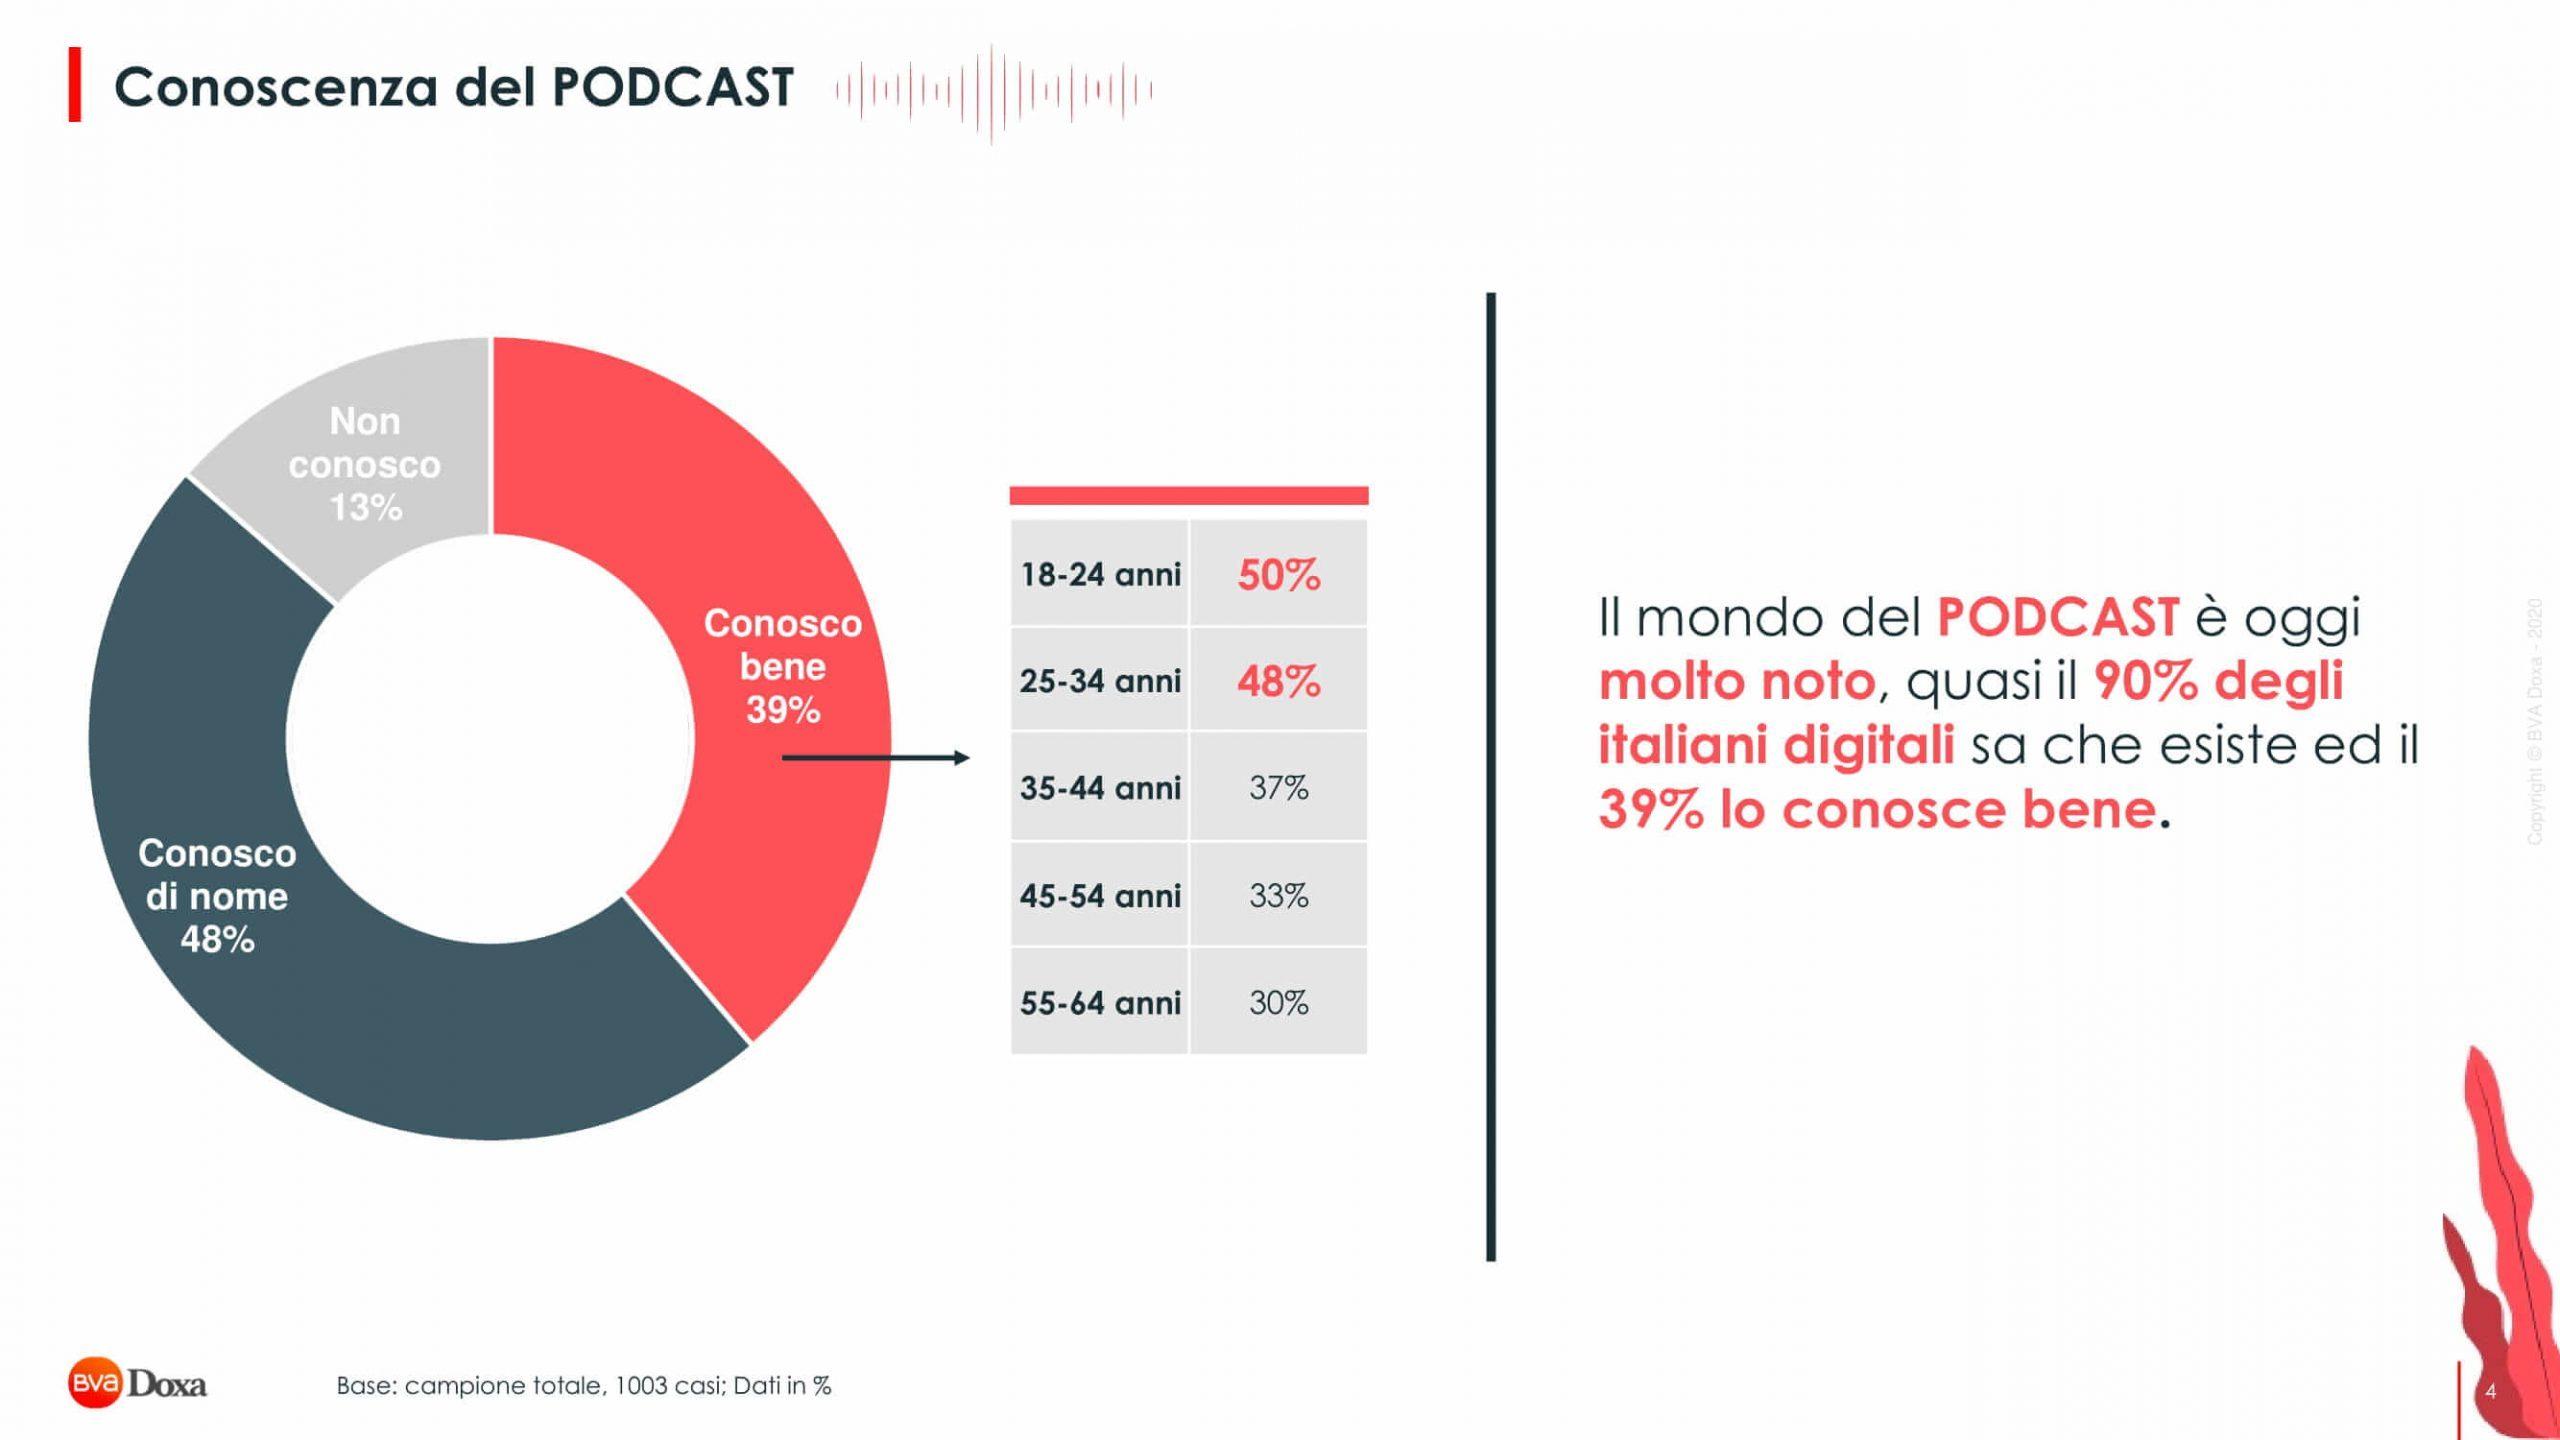 Bva Doxa Il Mondo Podcast 04